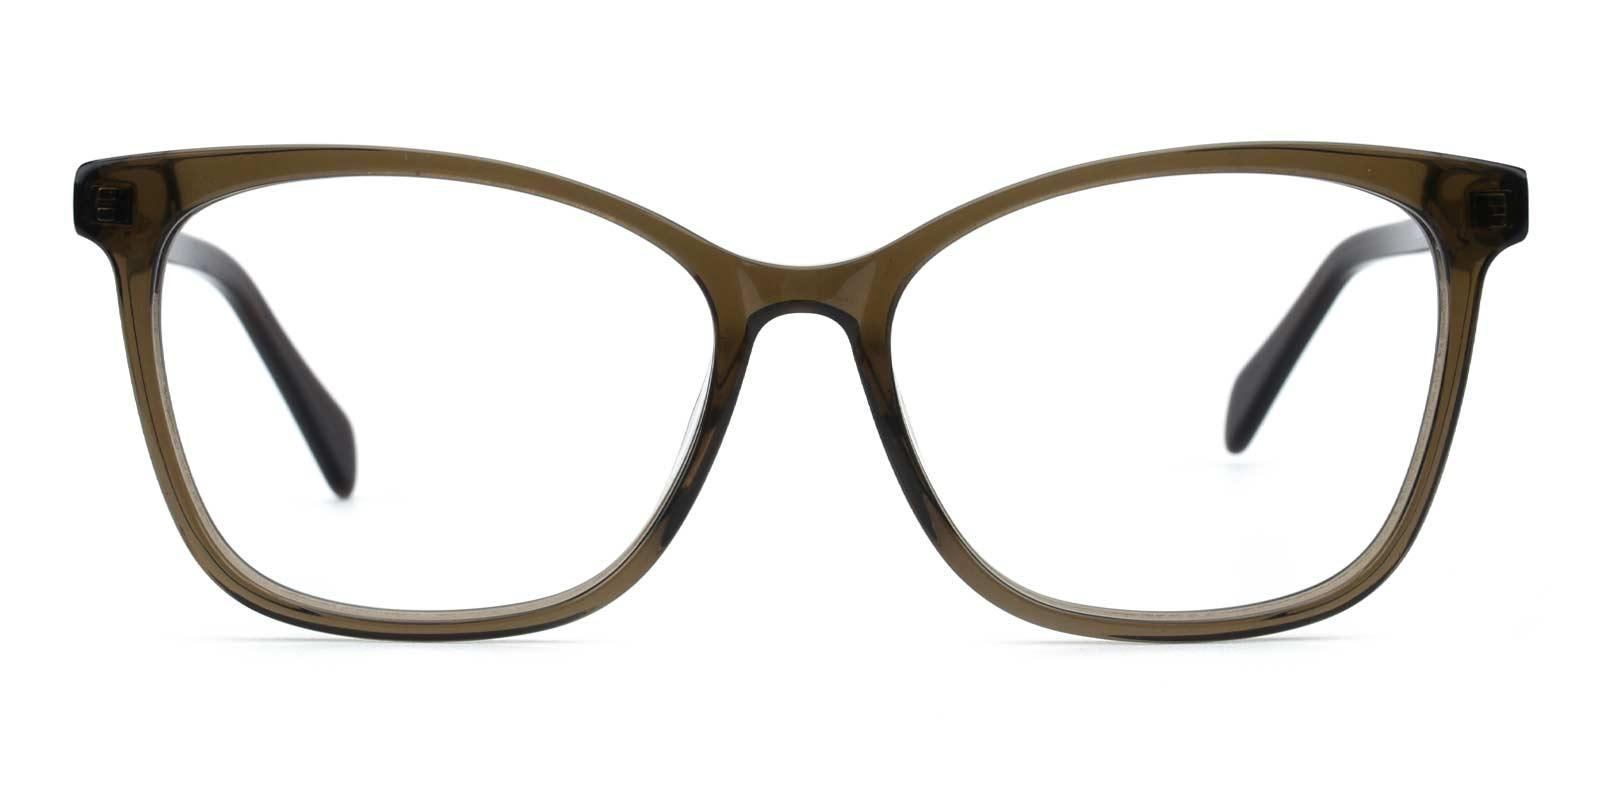 Poppy-Green-Square-Acetate-Eyeglasses-detail